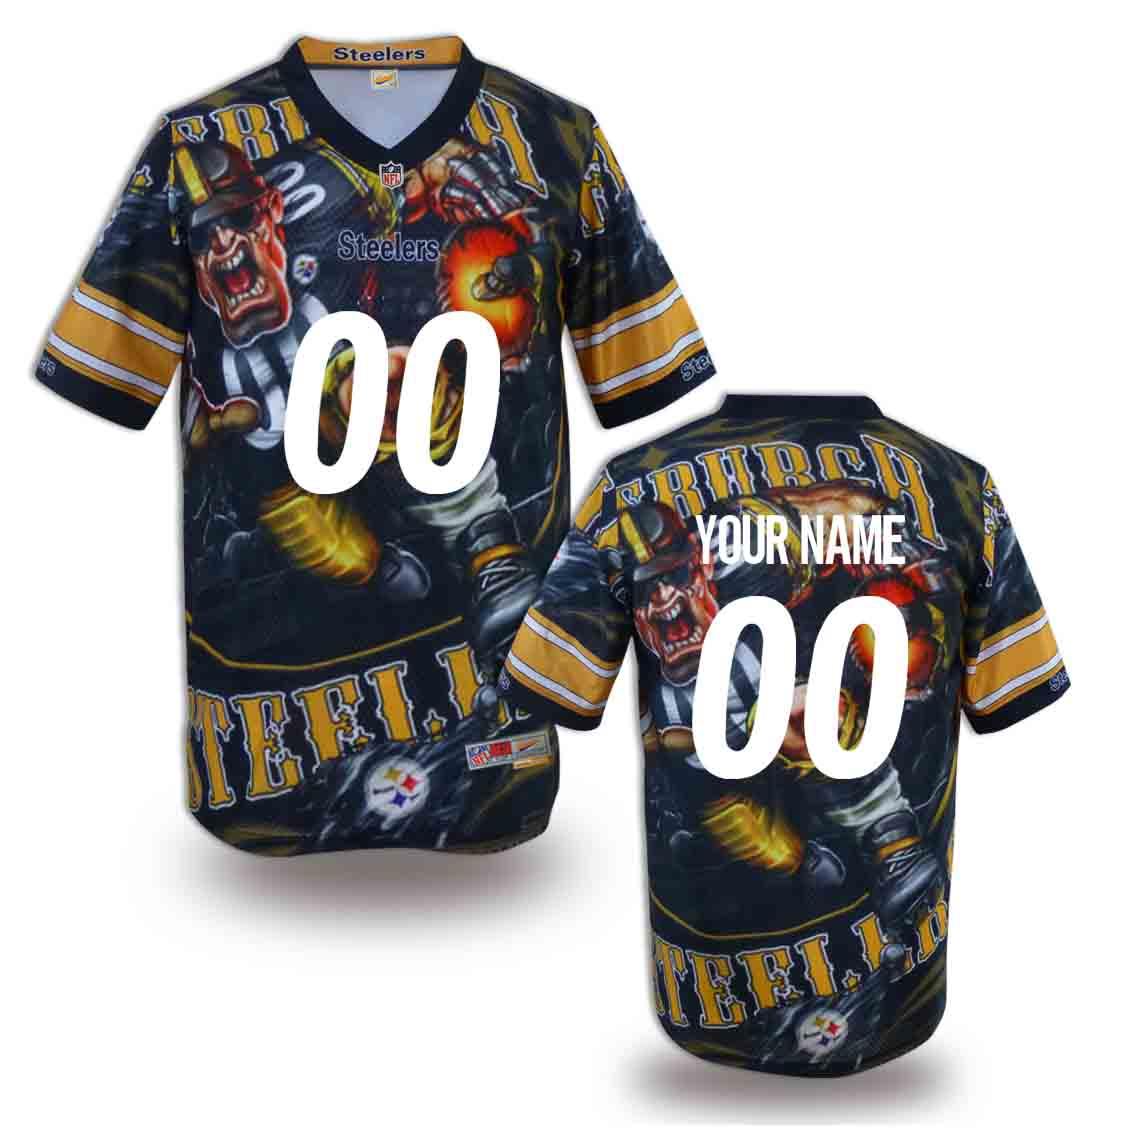 Nike Steelers Customized Fashion Stitched Jerseys07